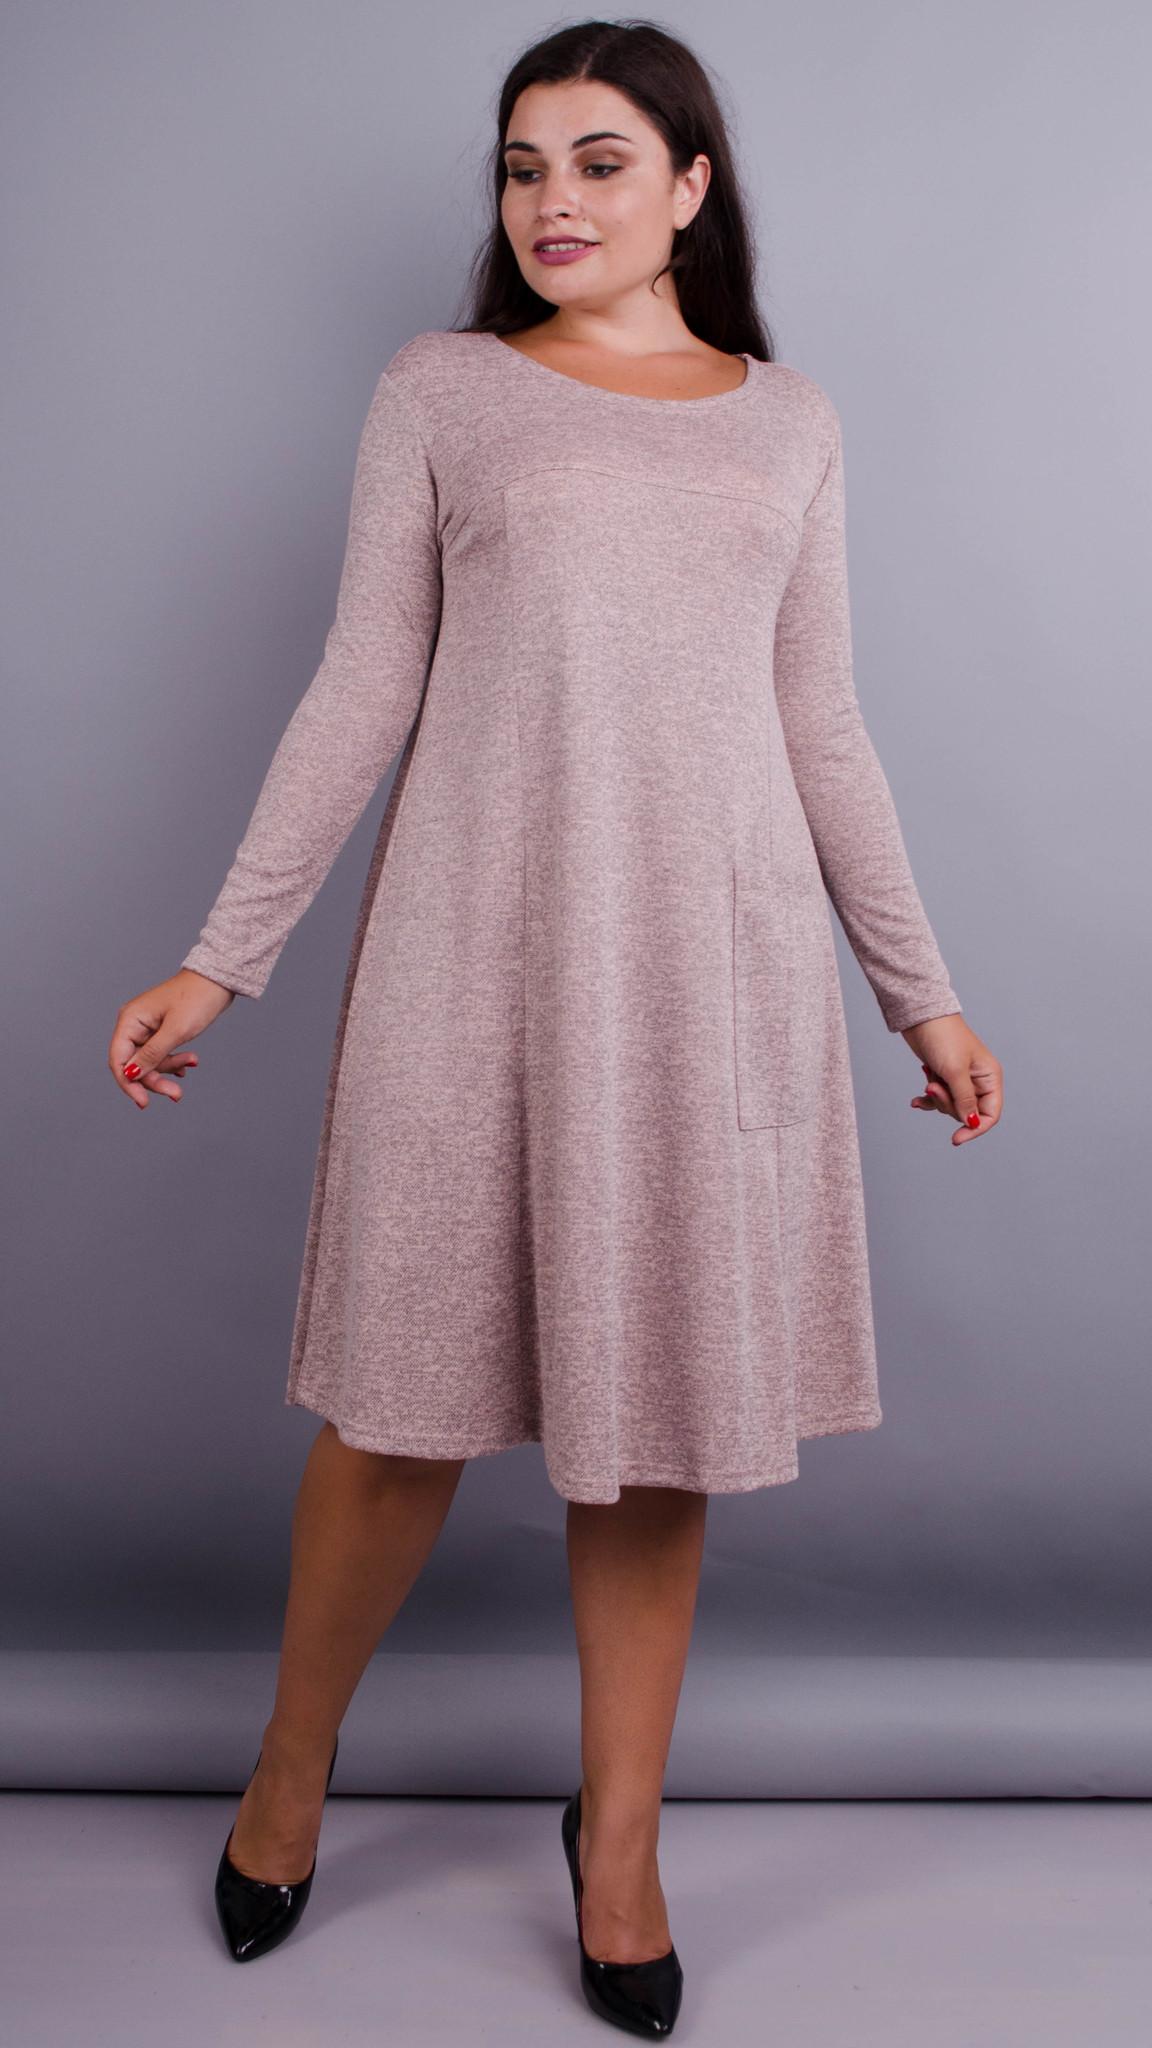 d2d43a100297bed Альбина. Платье на каждый день больших размеров. Аквамарин., купить ...